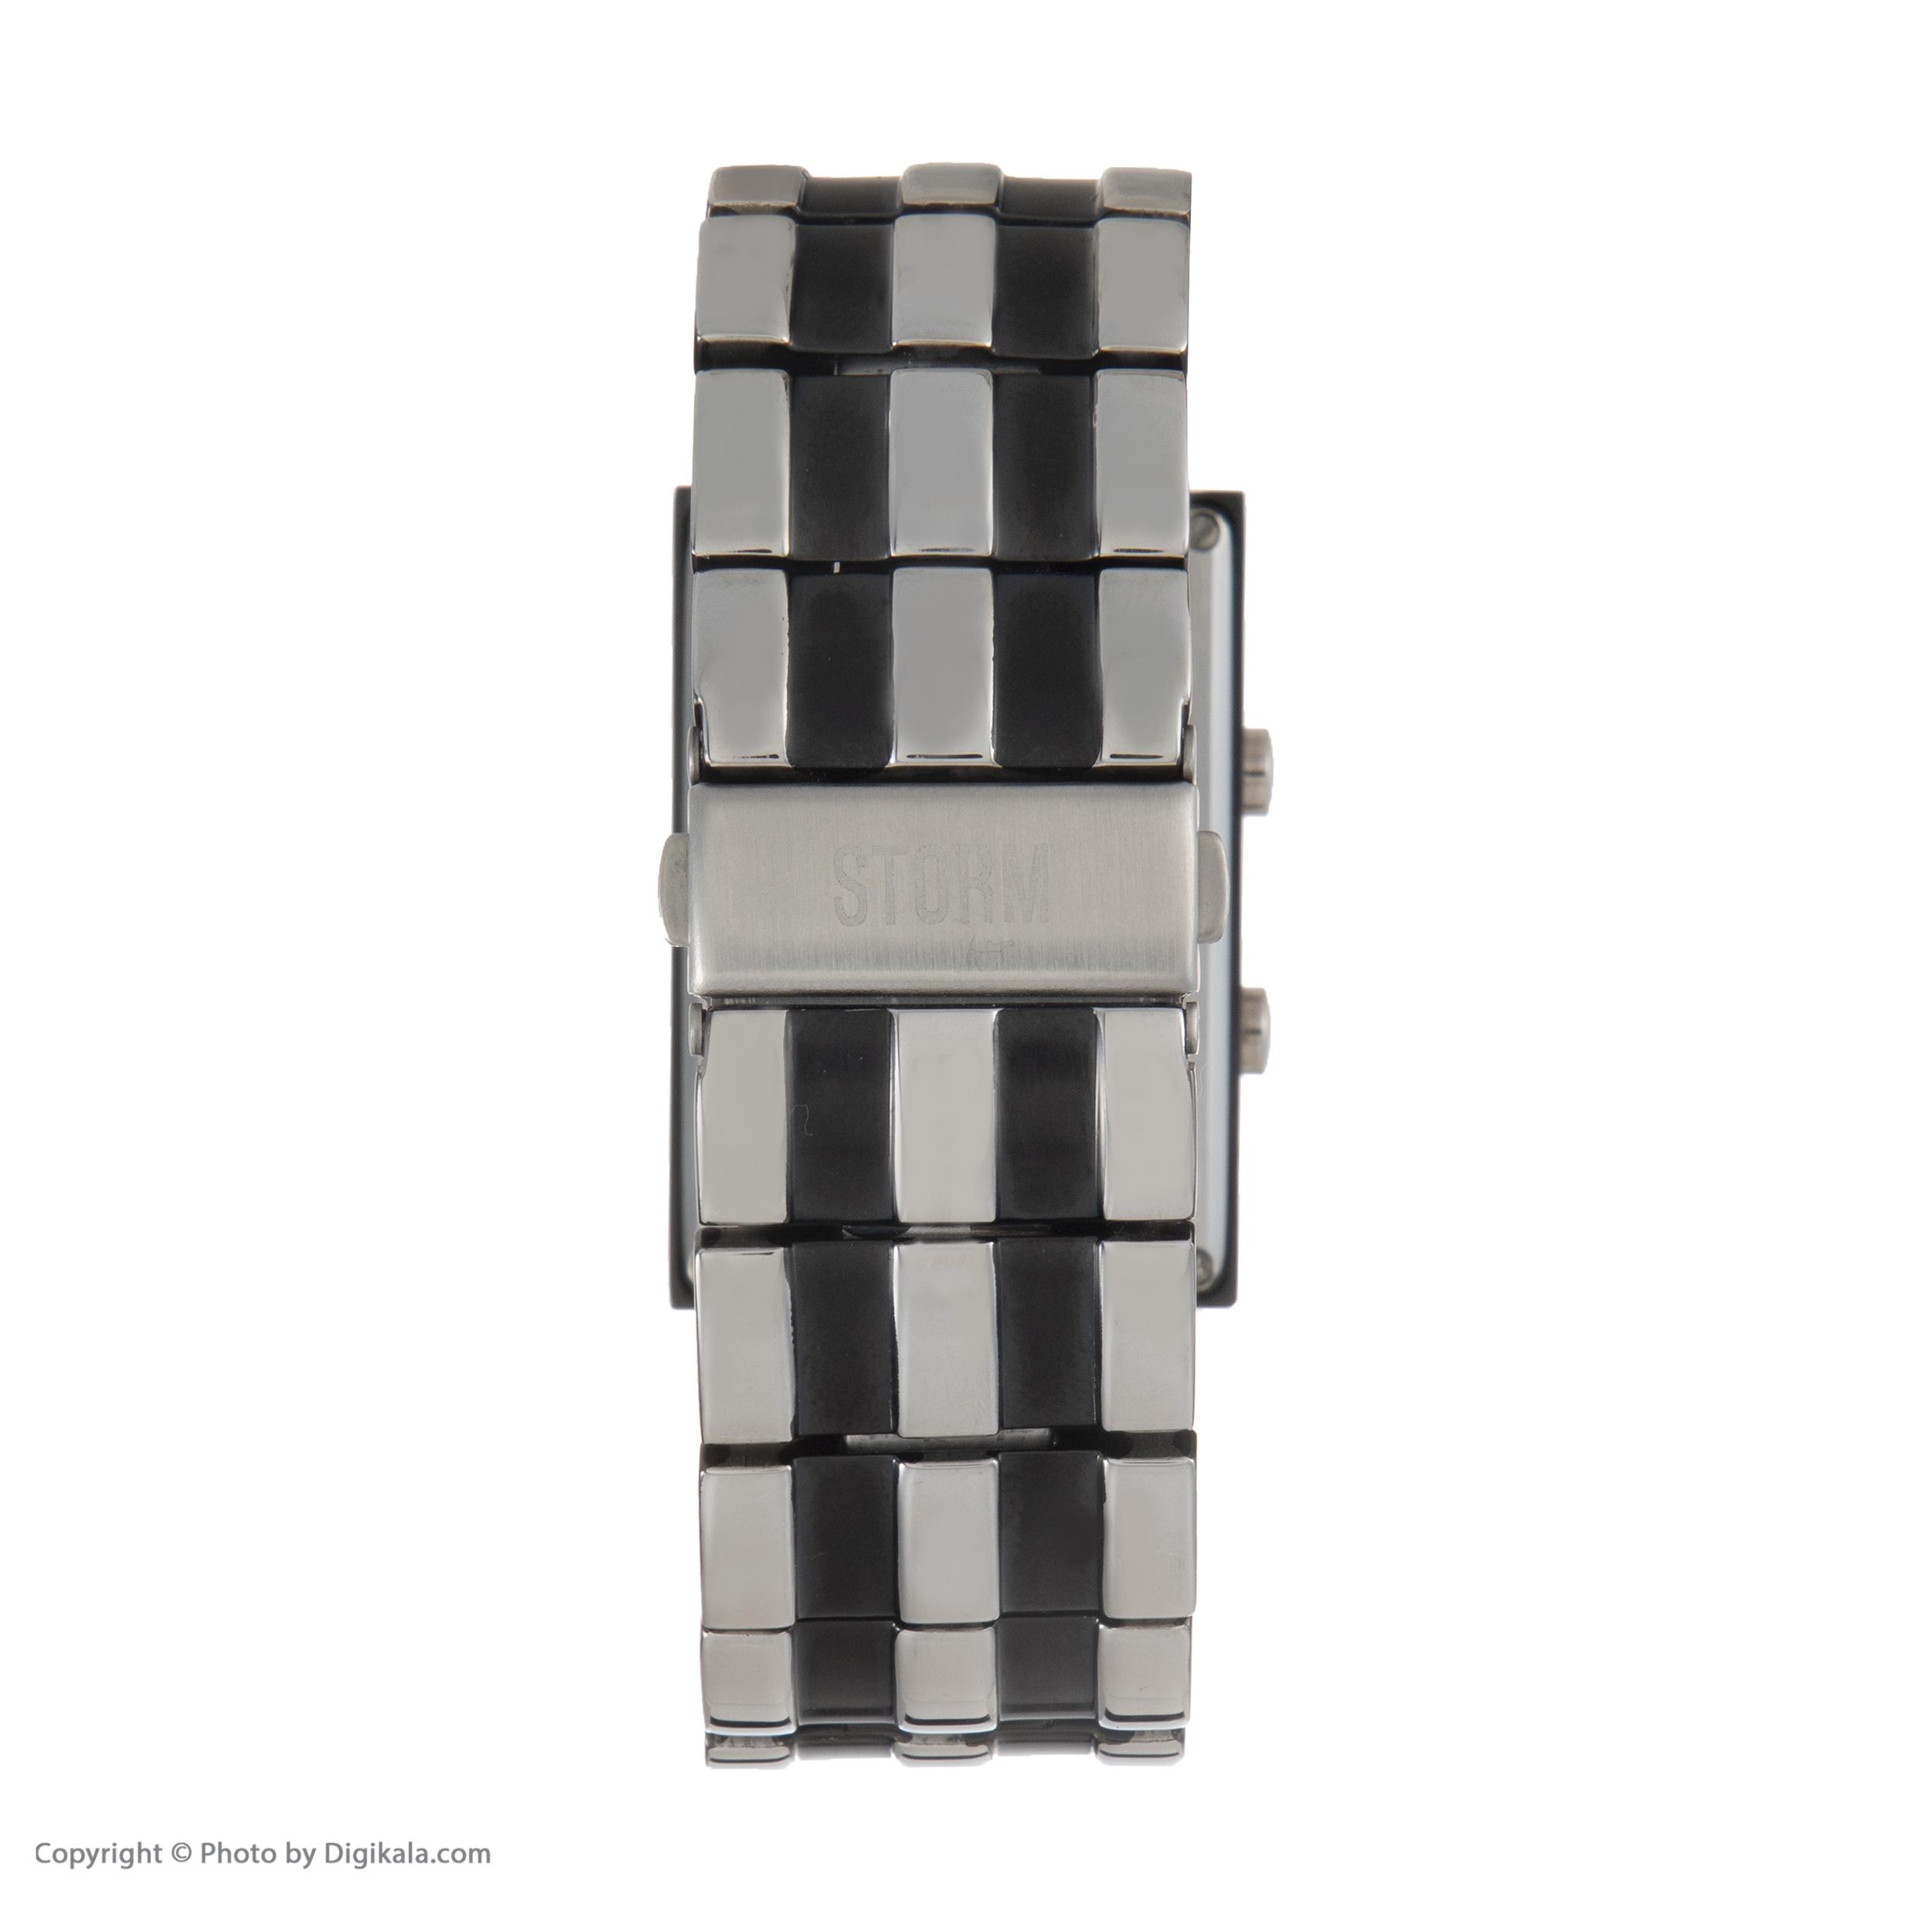 ساعت مچی دیجیتال مردانه استورم مدل ST 4575-SL             قیمت